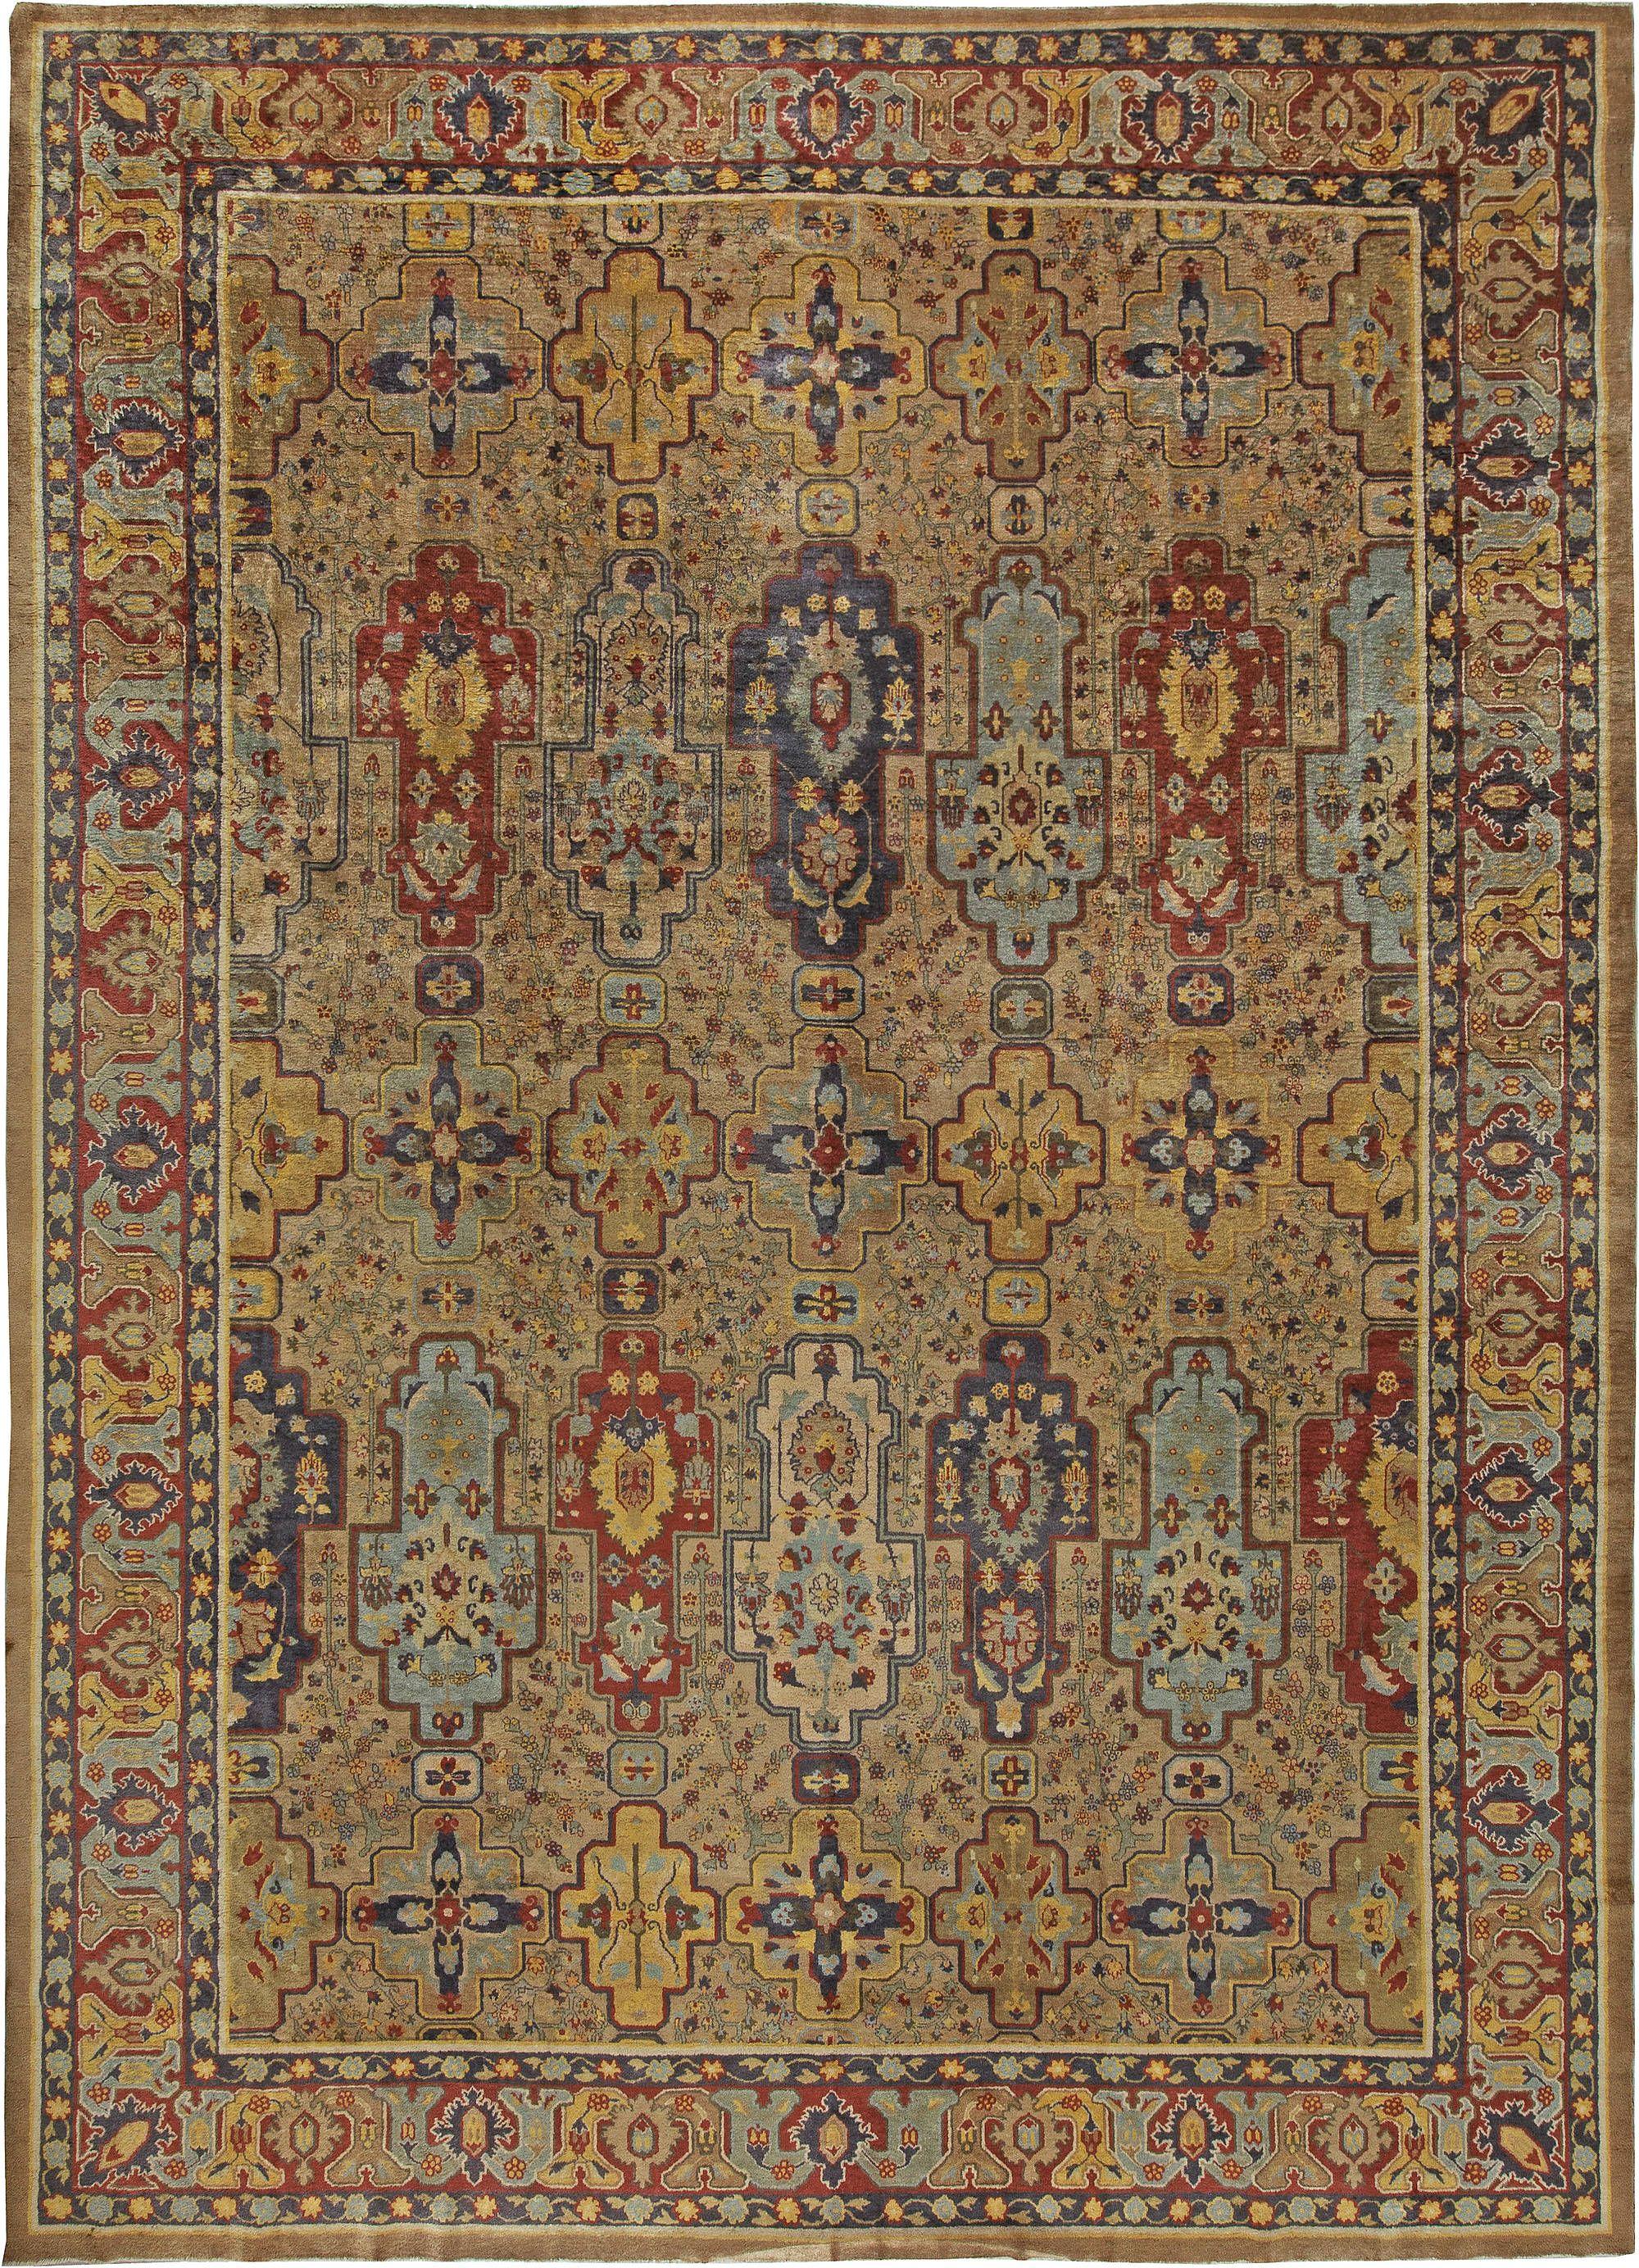 Antique Indian Carpet Size Adjusted